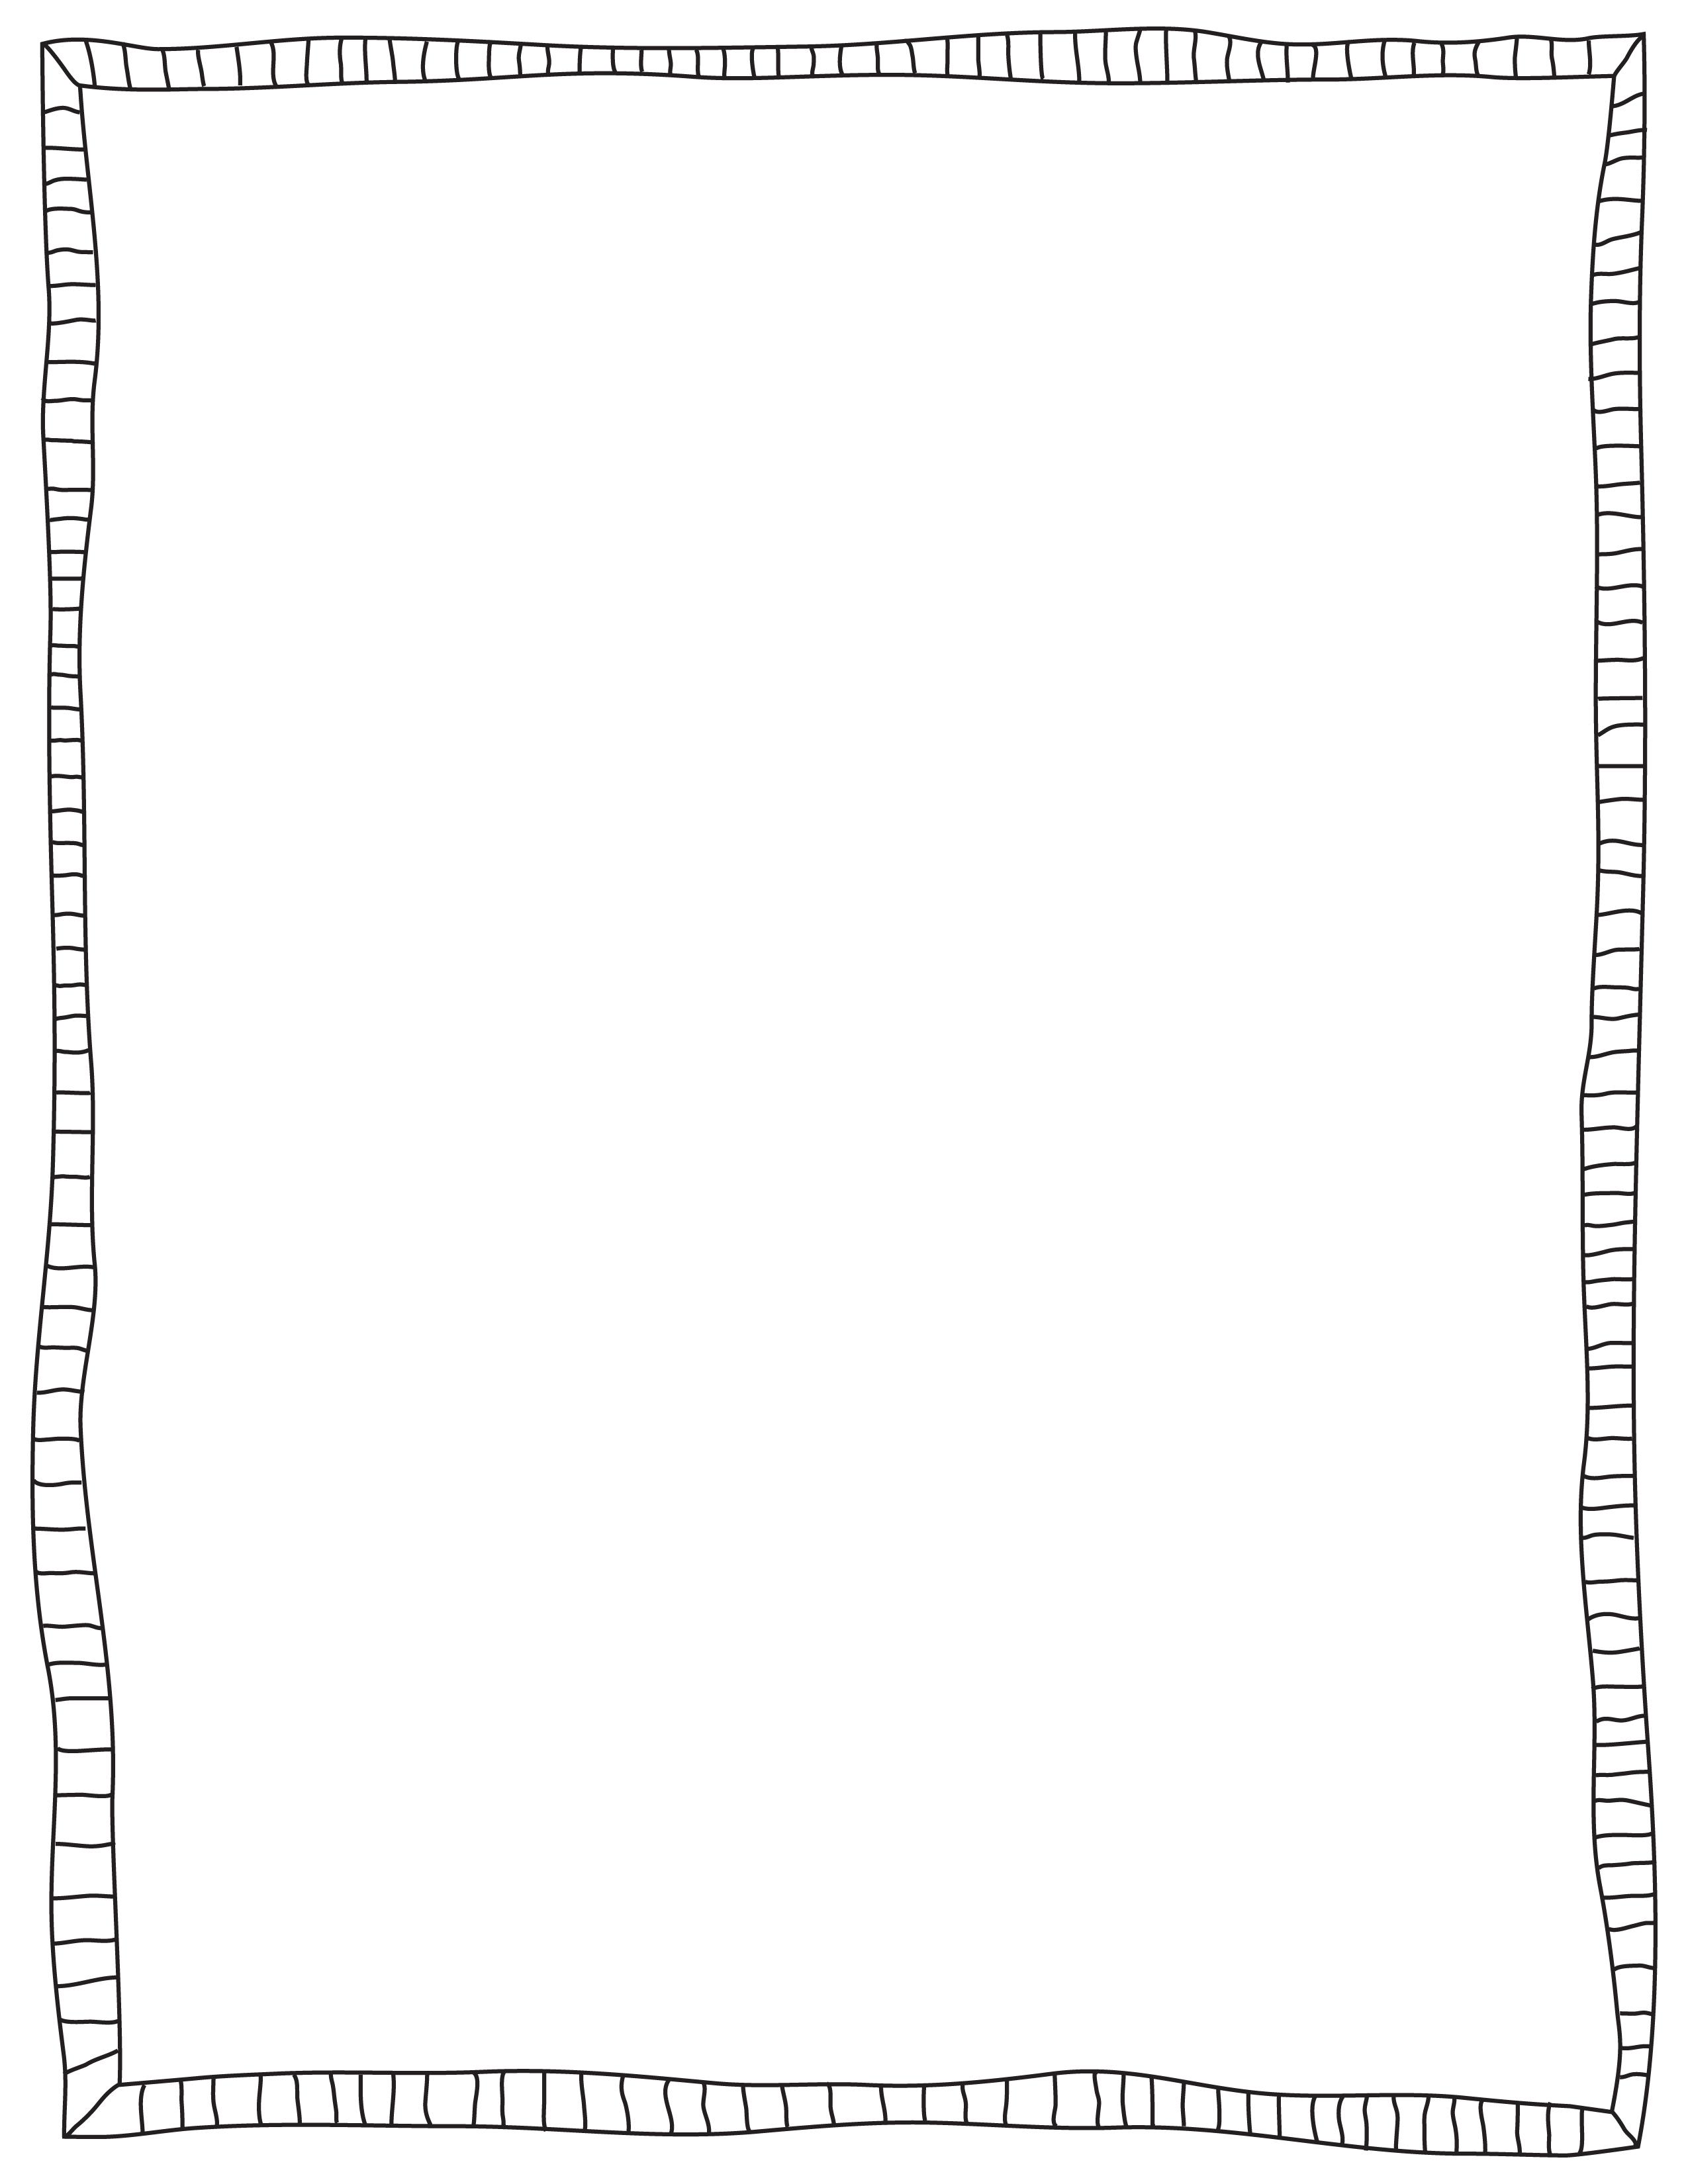 Fancy Page Borders And Frames Black doodled border frame